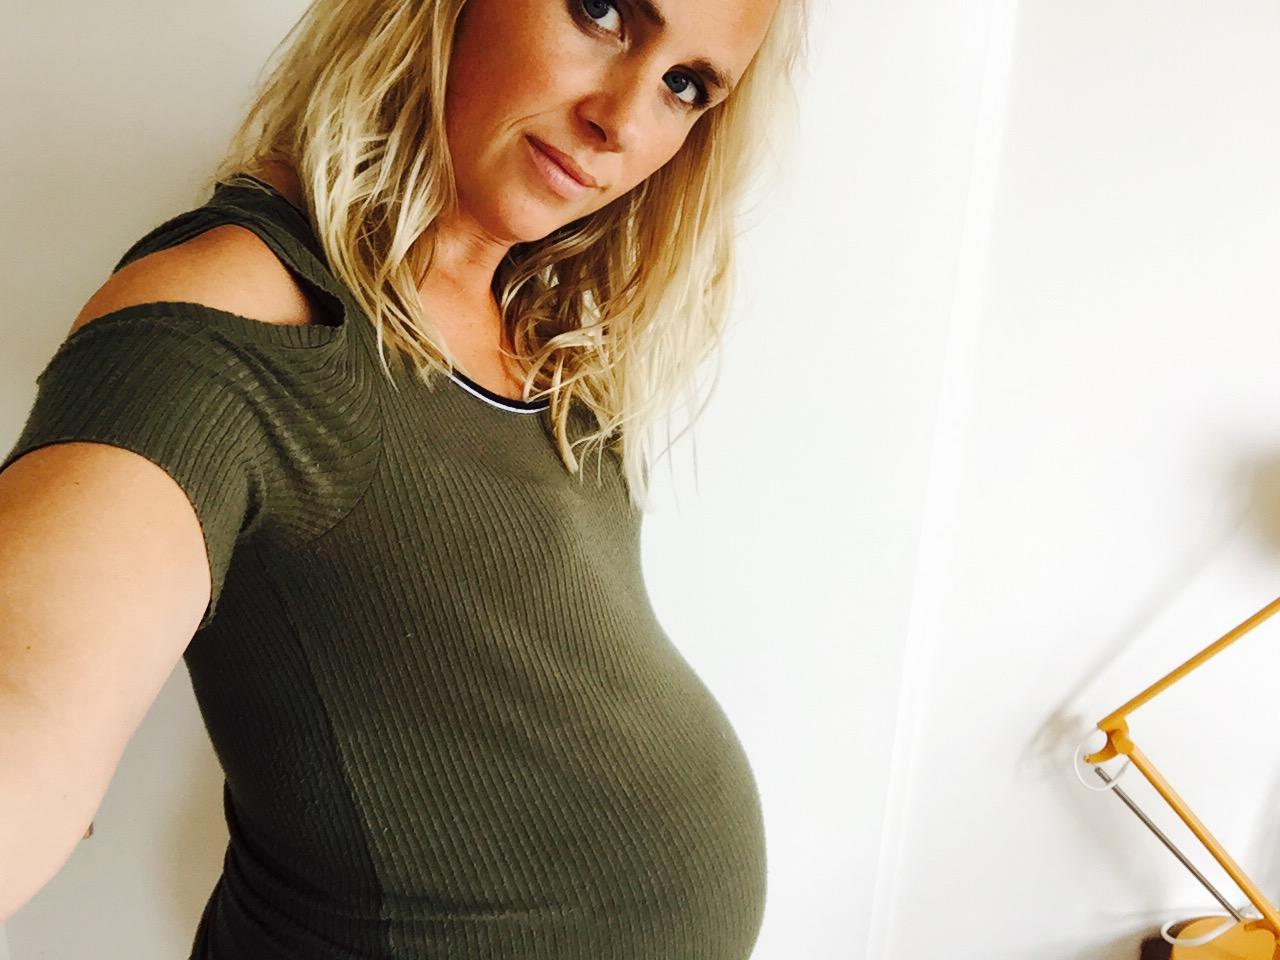 De laatste loodjes: 38 weken zwanger.